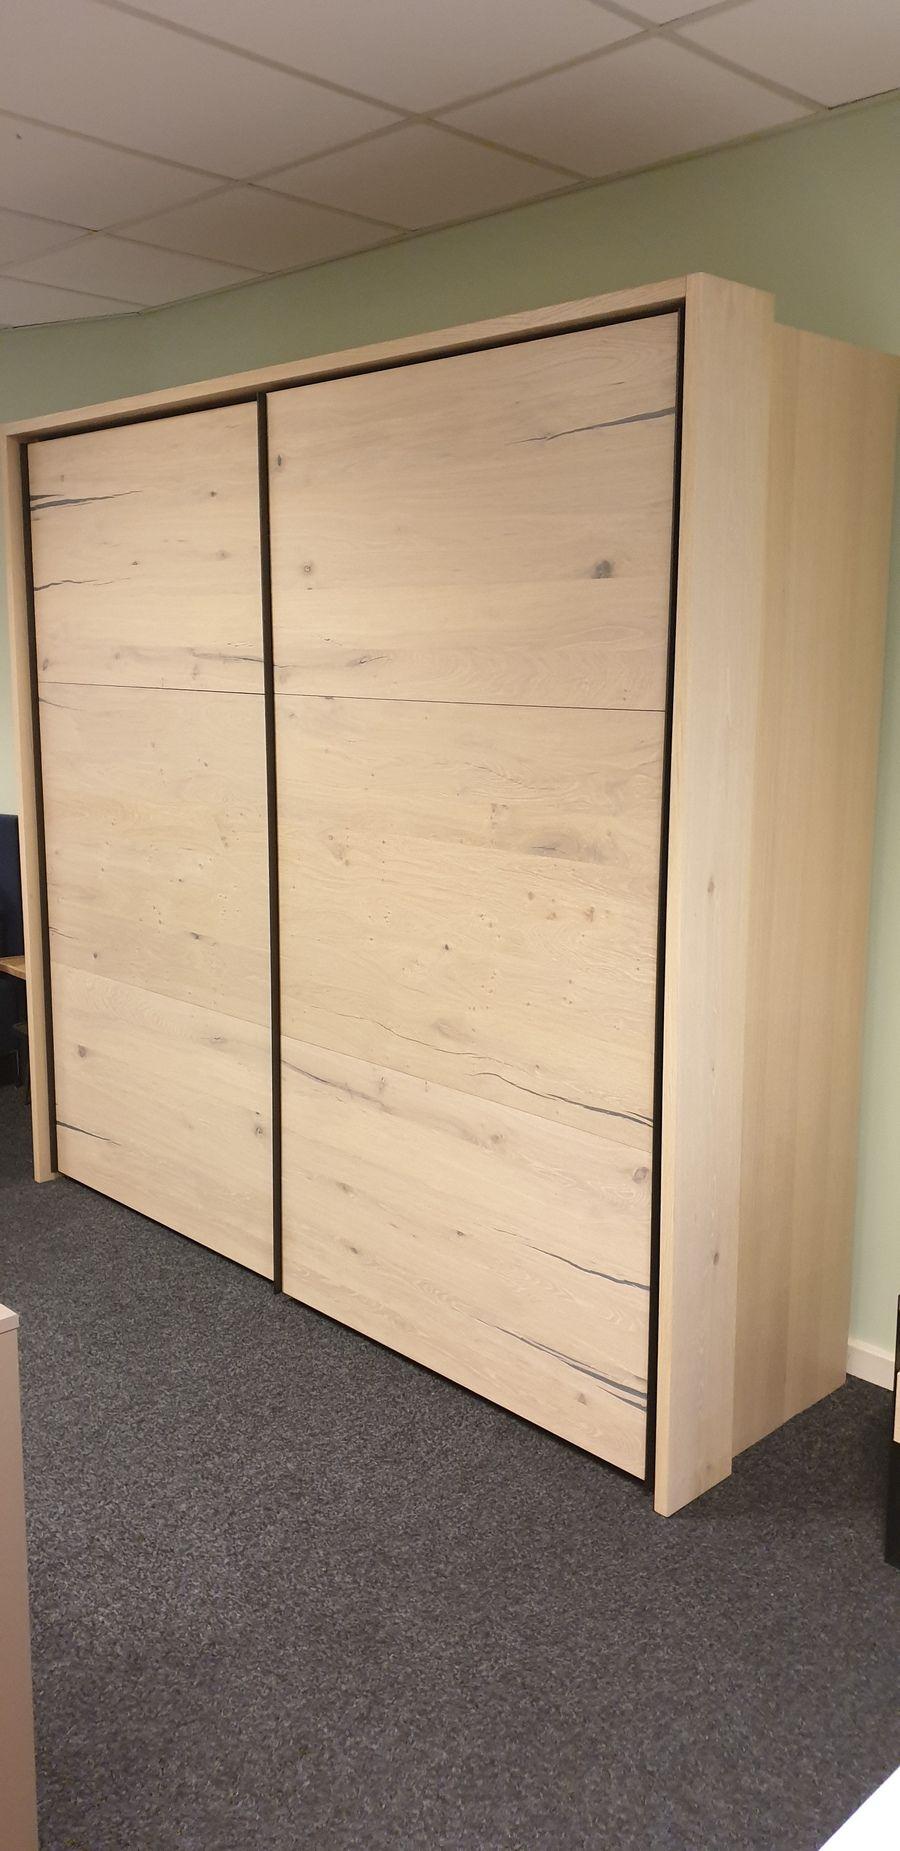 Madison 2-deurs Schuifdeurkast - Showroommodel